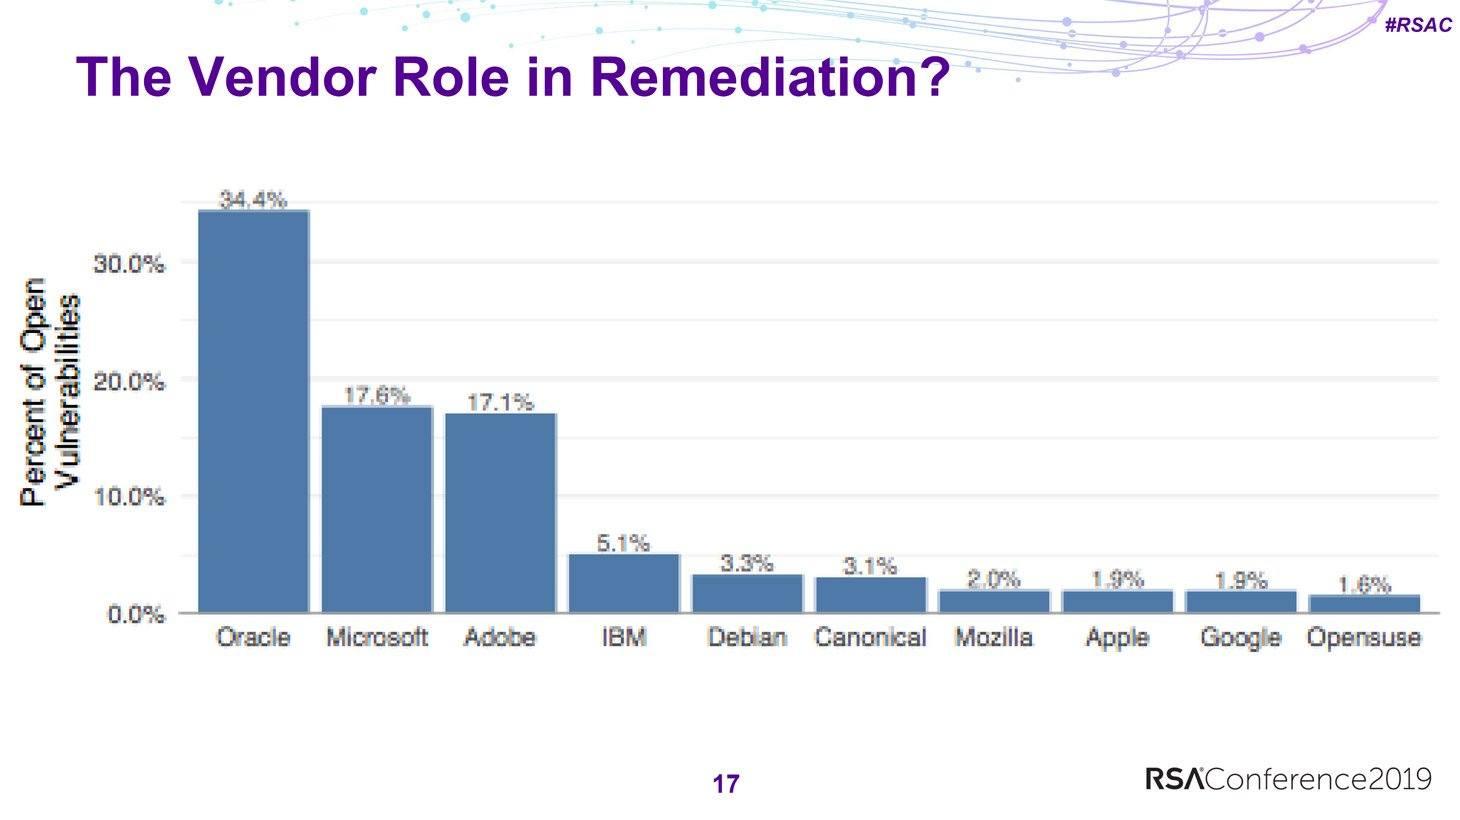 Más de dos tercios de las brechas sin parchar están en los productos de Oracle, Microsoft y Adobe.